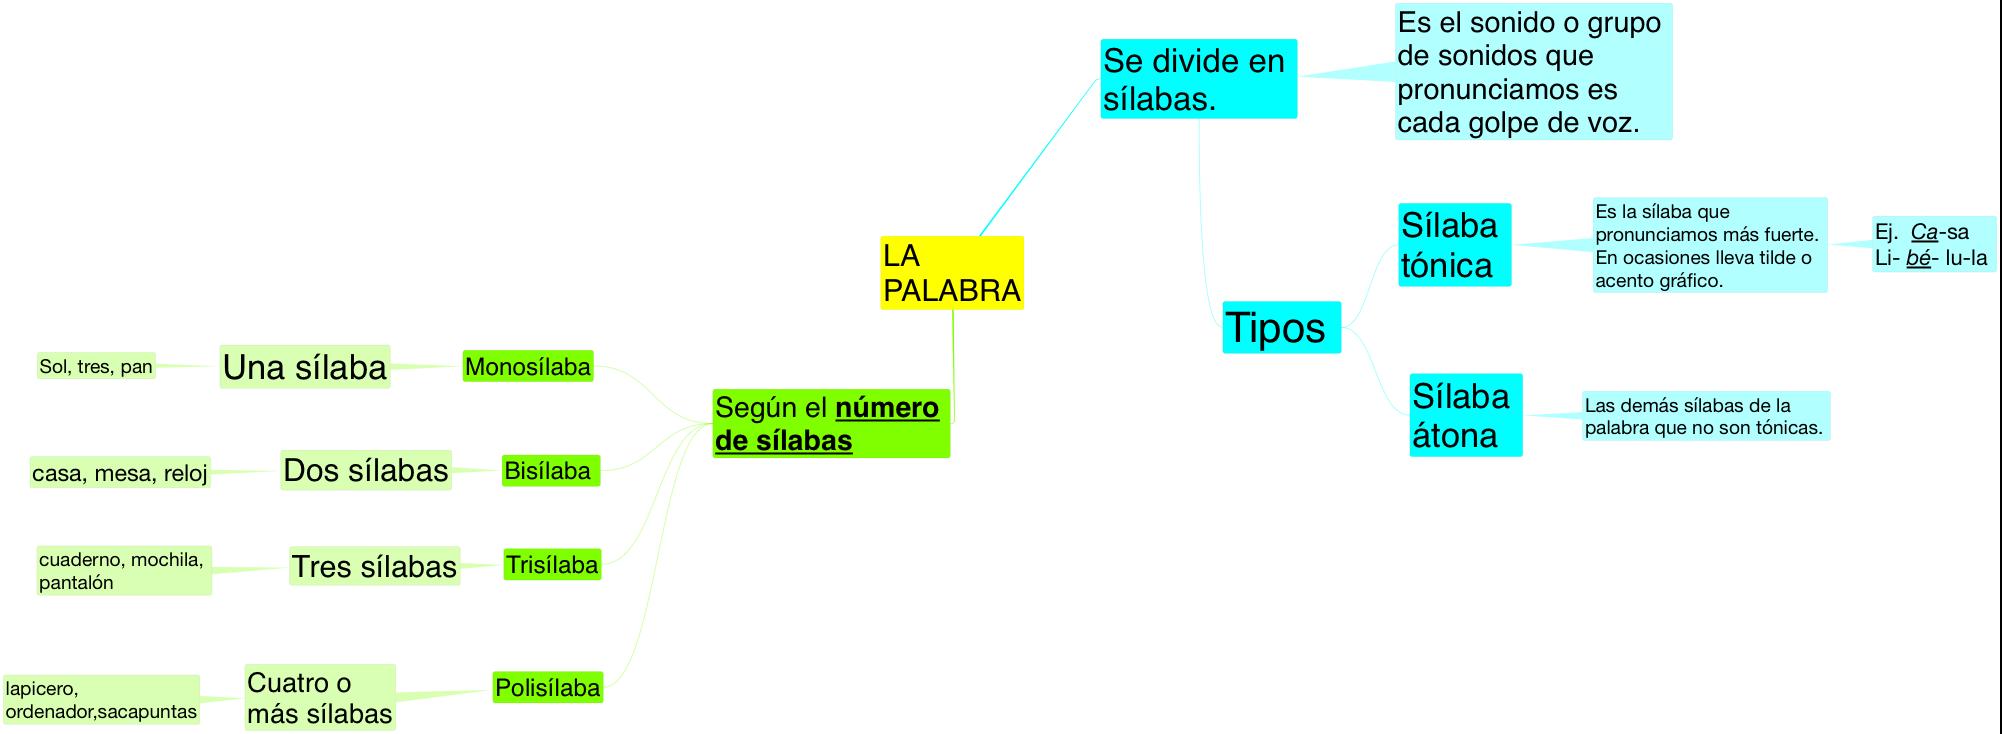 LENGUA_LA PALABRA_LA SILABA_3